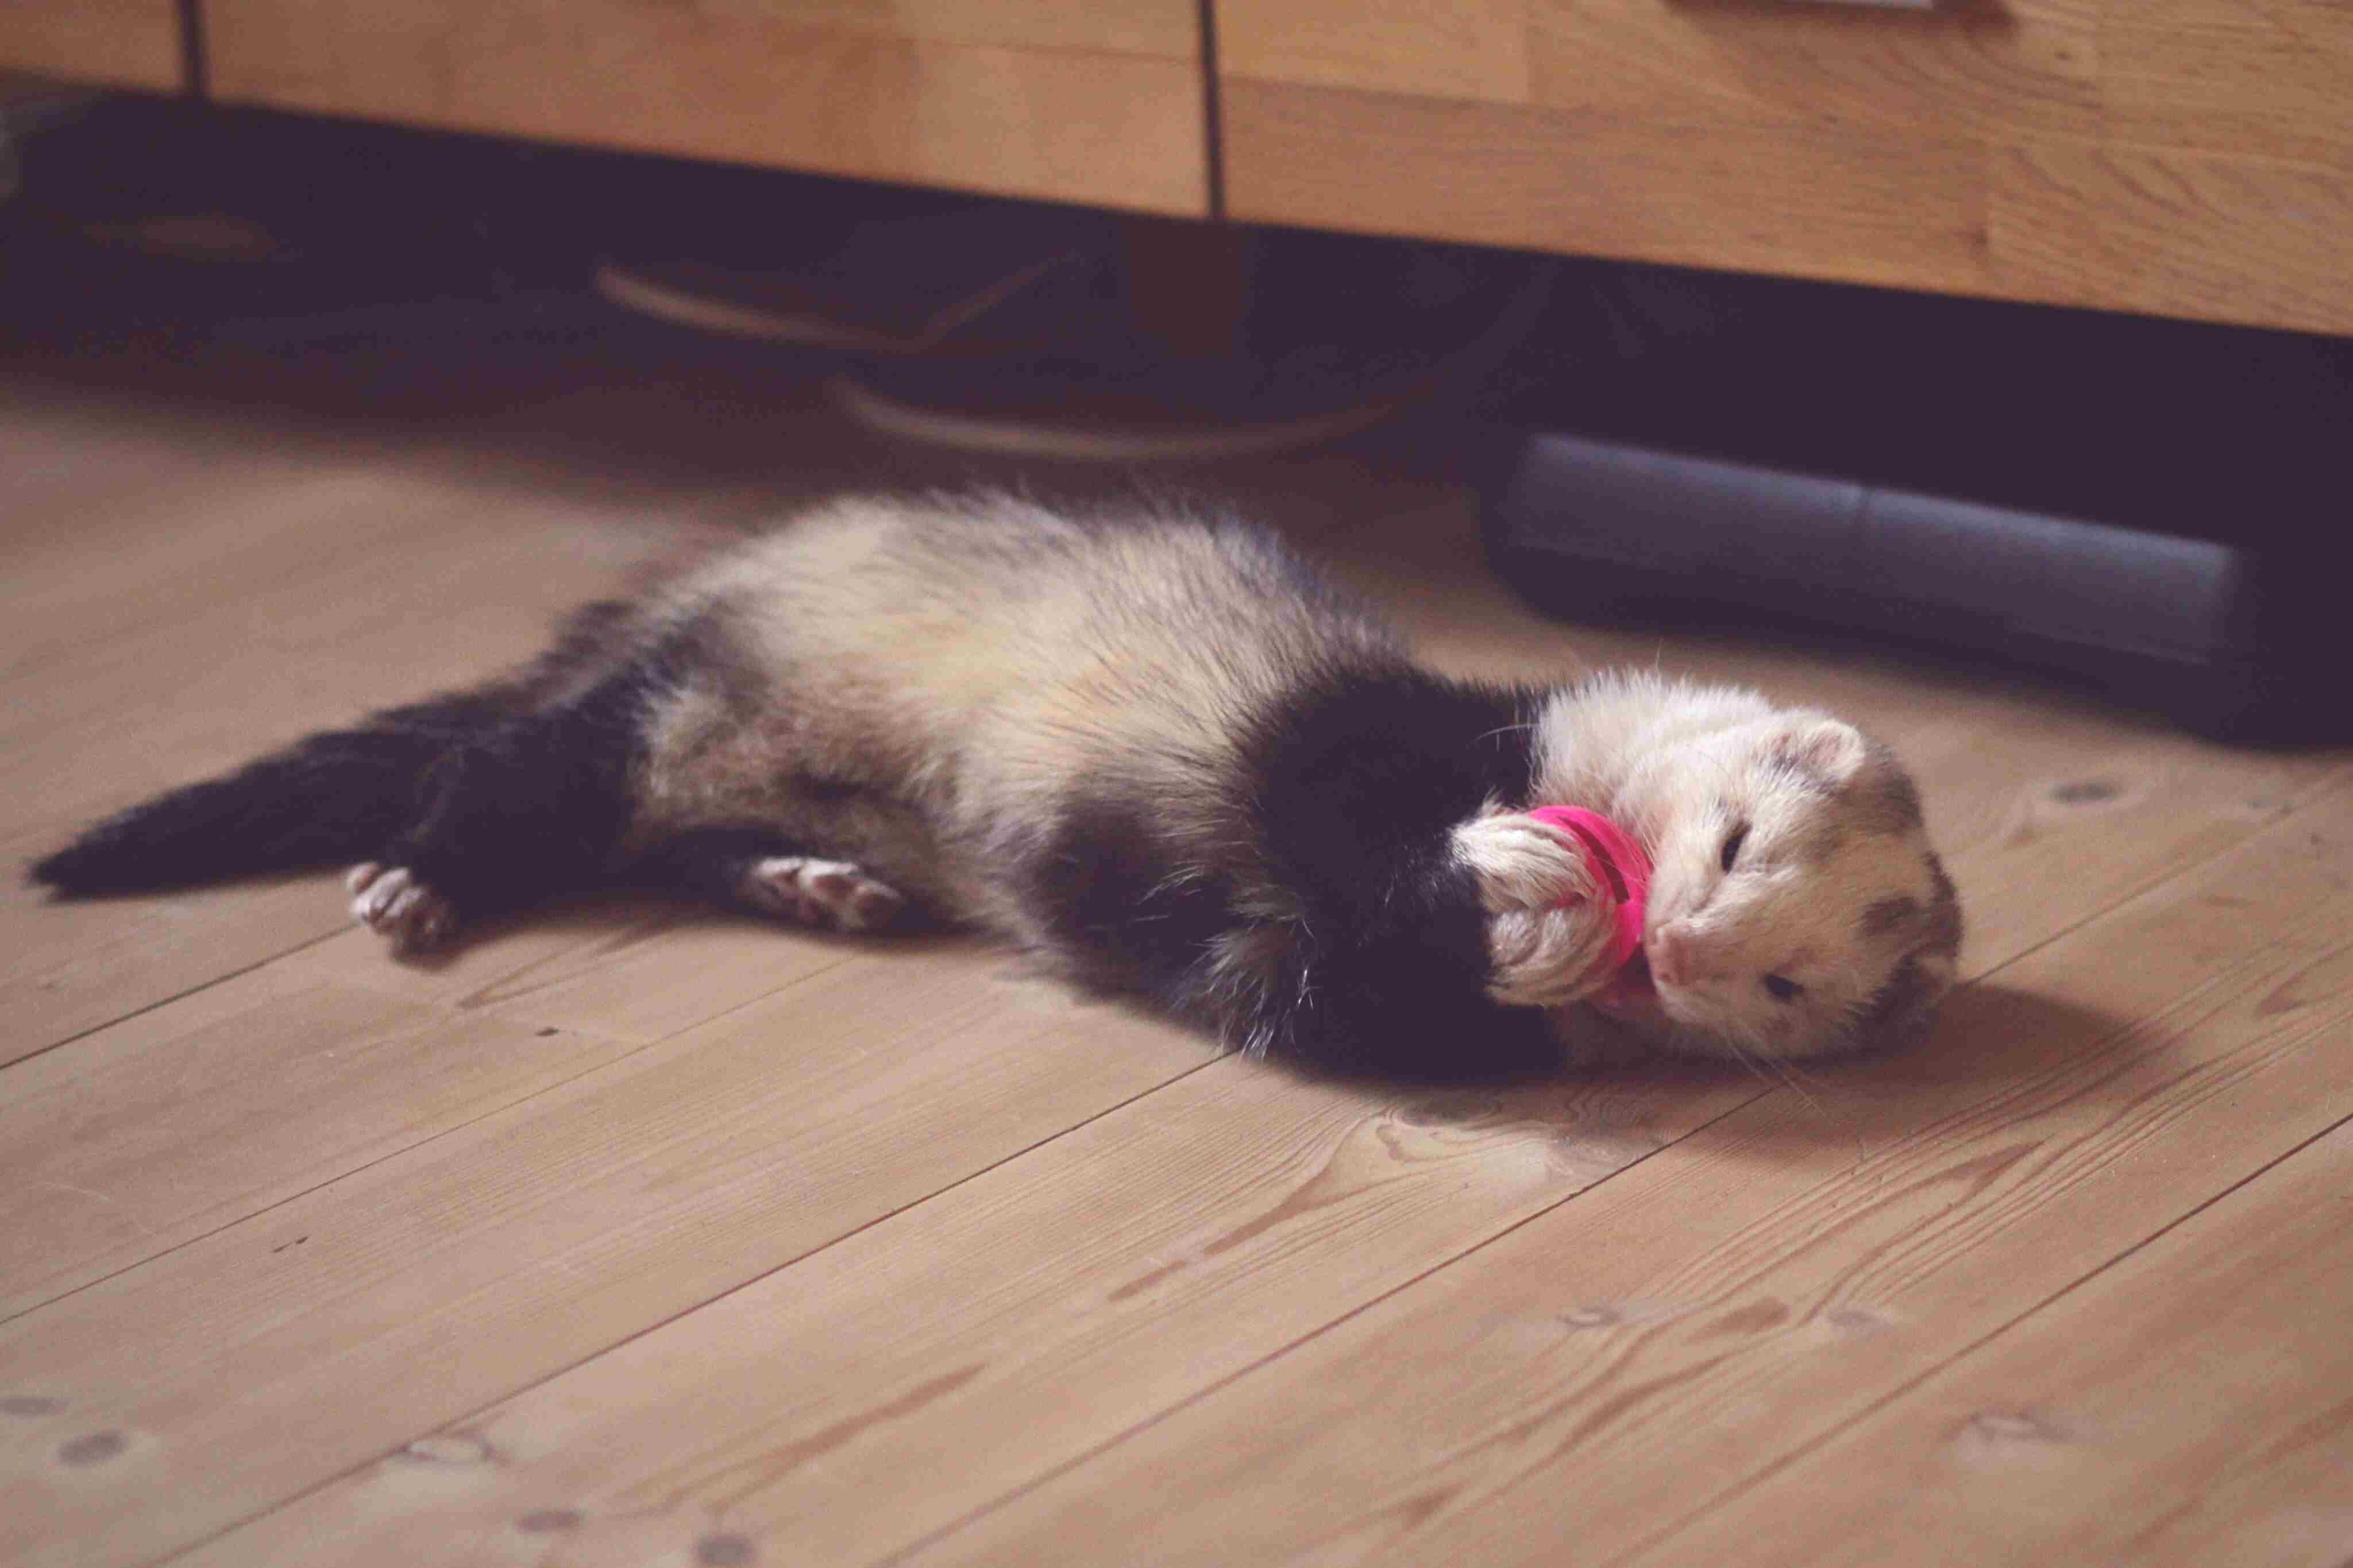 Hurón jugando con un juguete rosa mientras está acostado en el piso de madera.